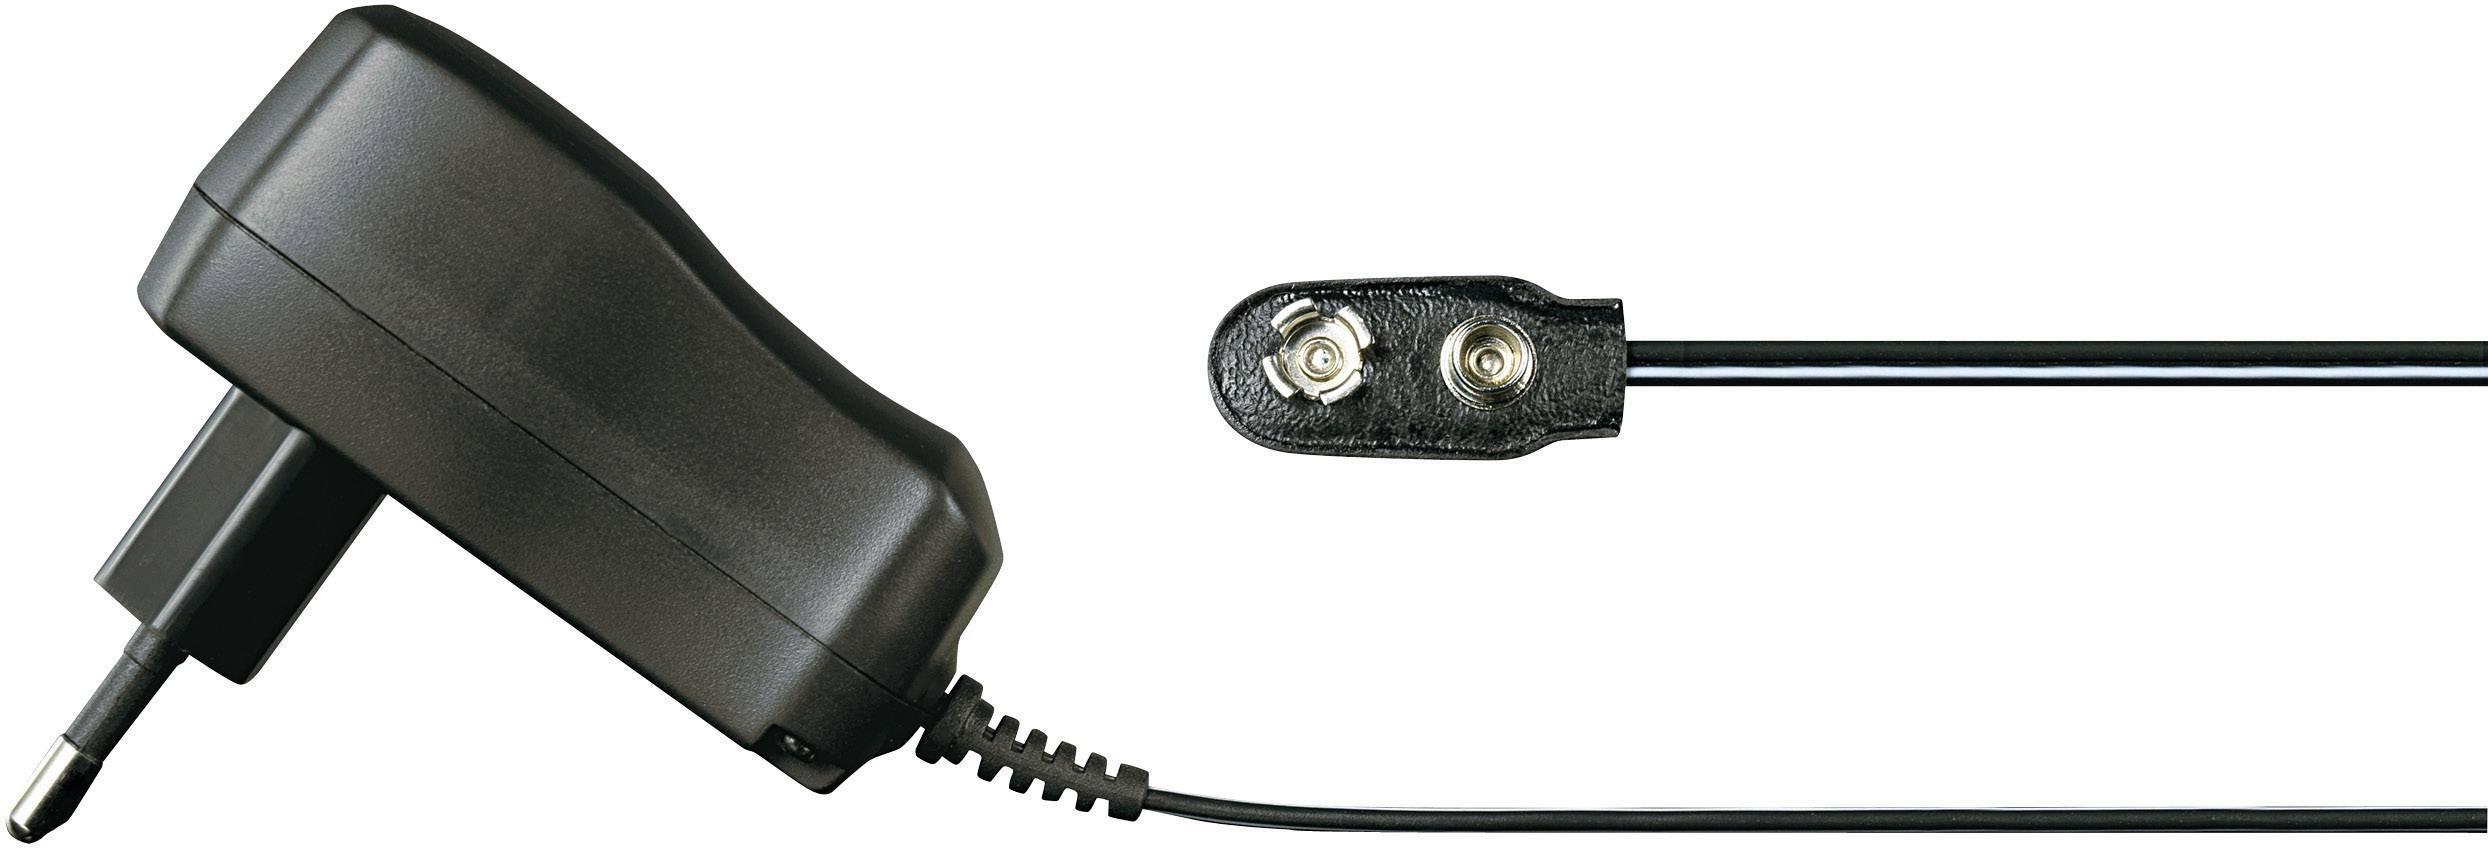 Síťový adaptér s klipem Voltcraft FPPS 9-3.6W-CL, 9 V /DC, 3.6 W